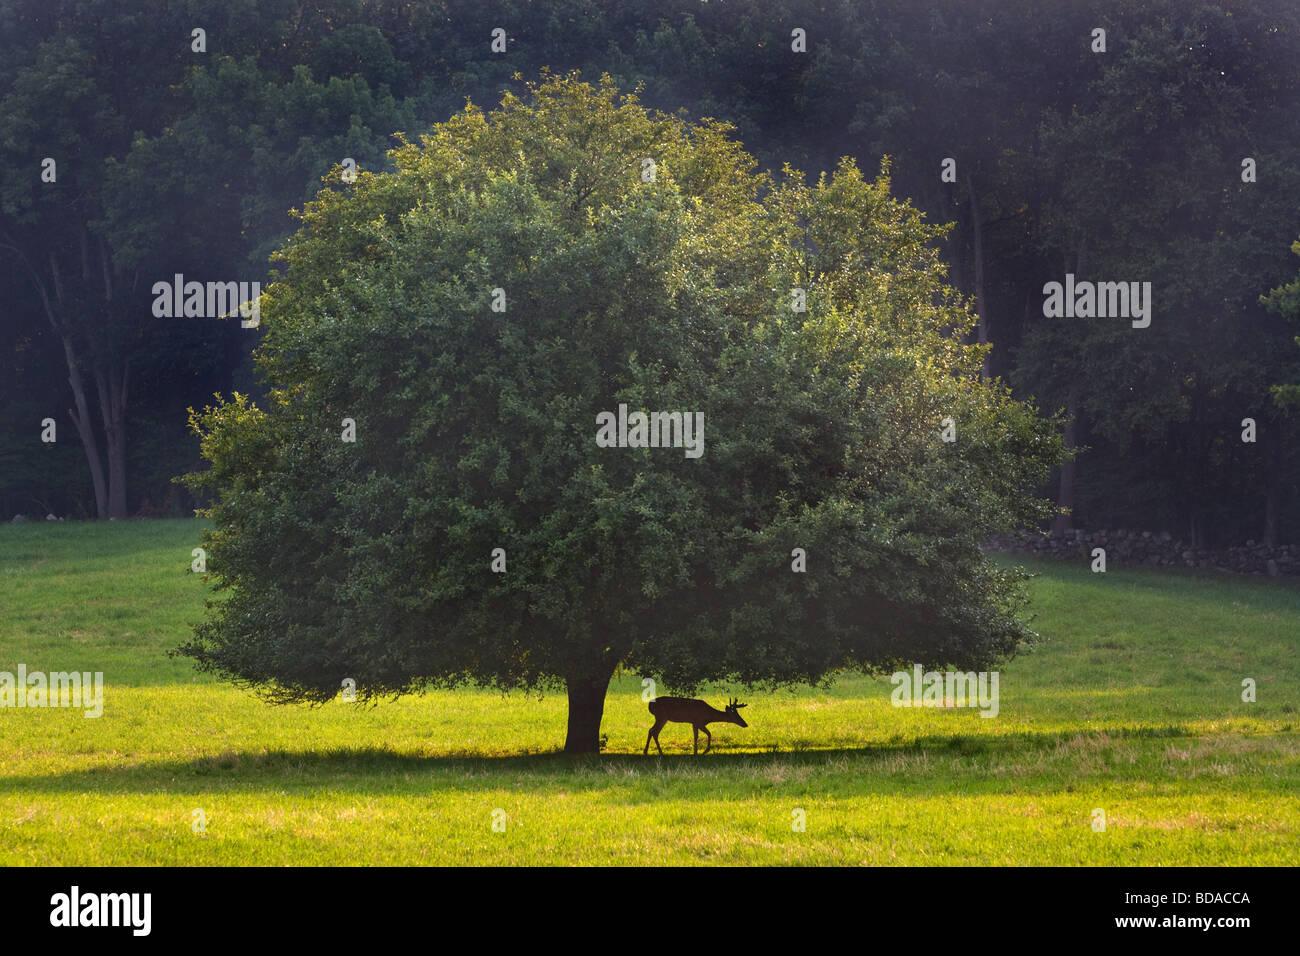 Un joven ciervo naranja debajo de un árbol en Connecticut, EE.UU. Imagen De Stock